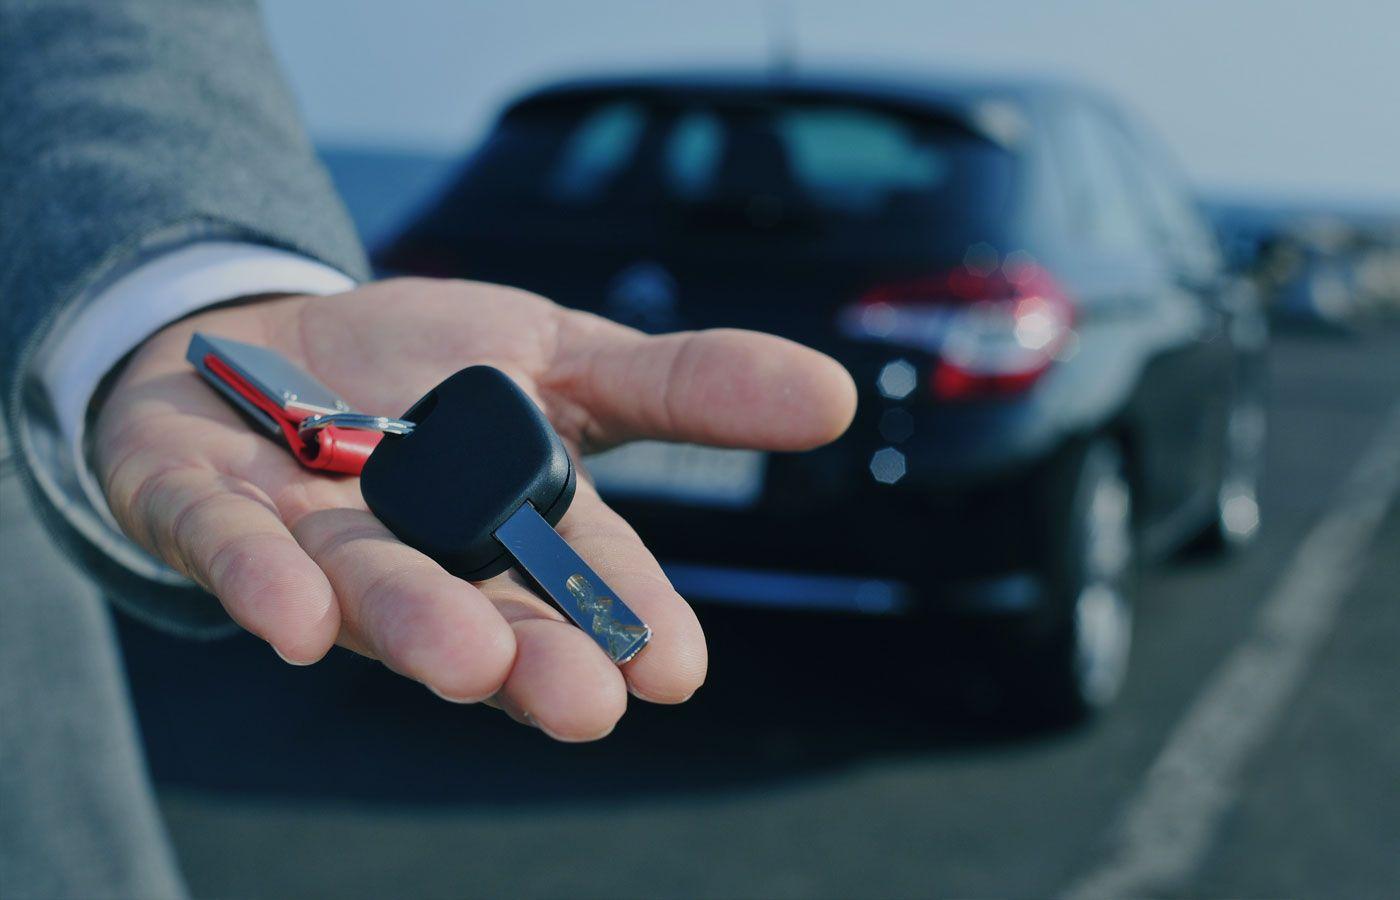 Locksmith Near Me Cheap car rental, Cheap car hire, Car